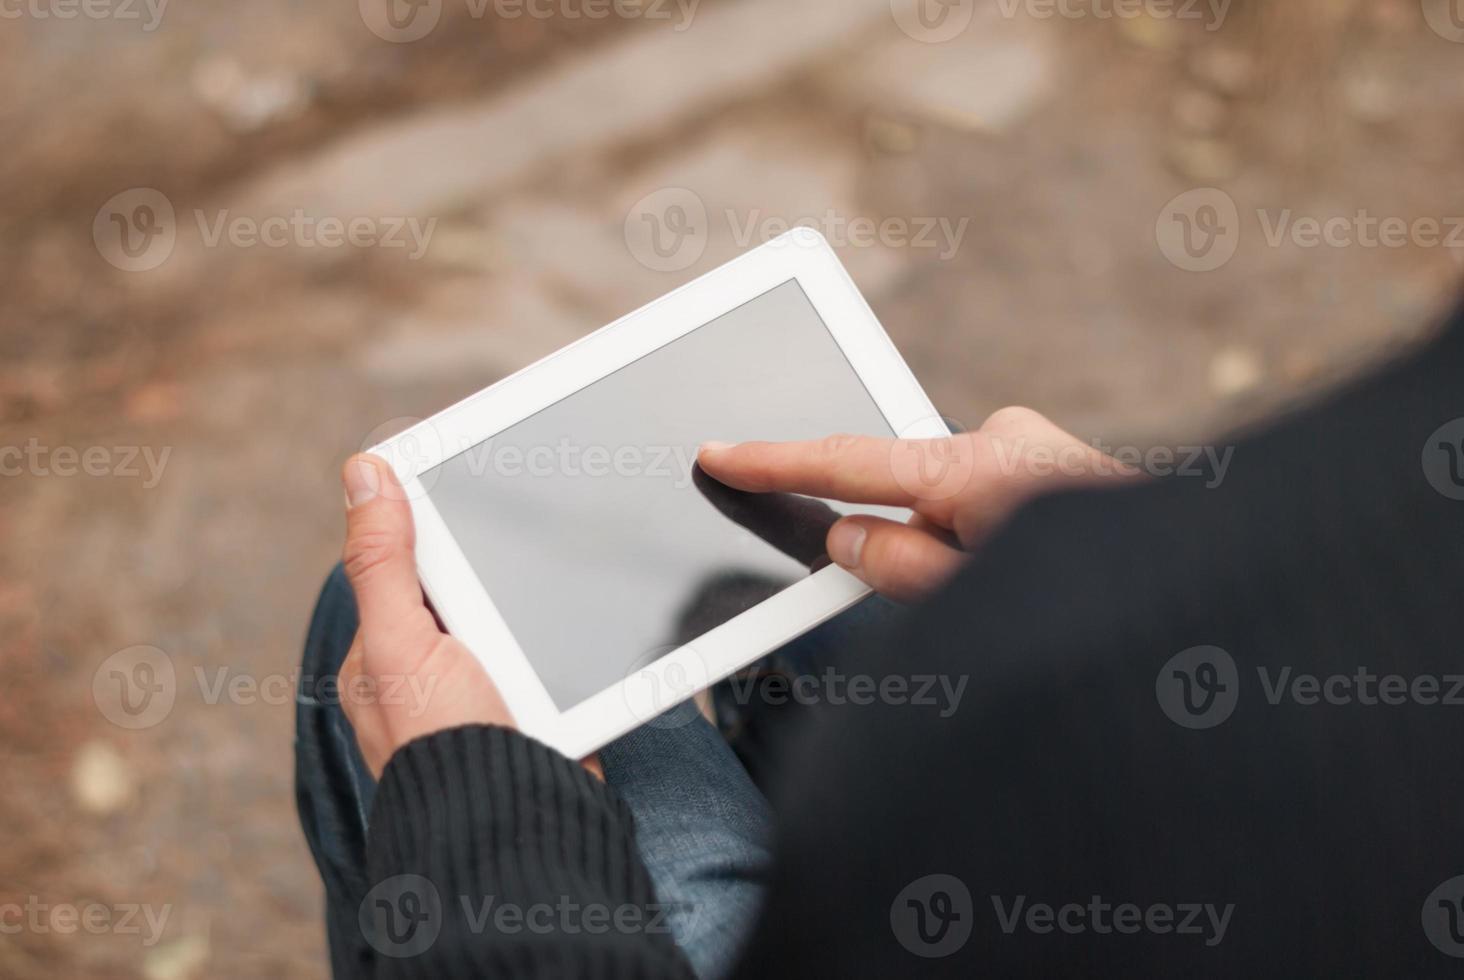 uomo con computer tablet nelle mani del vicino. foto